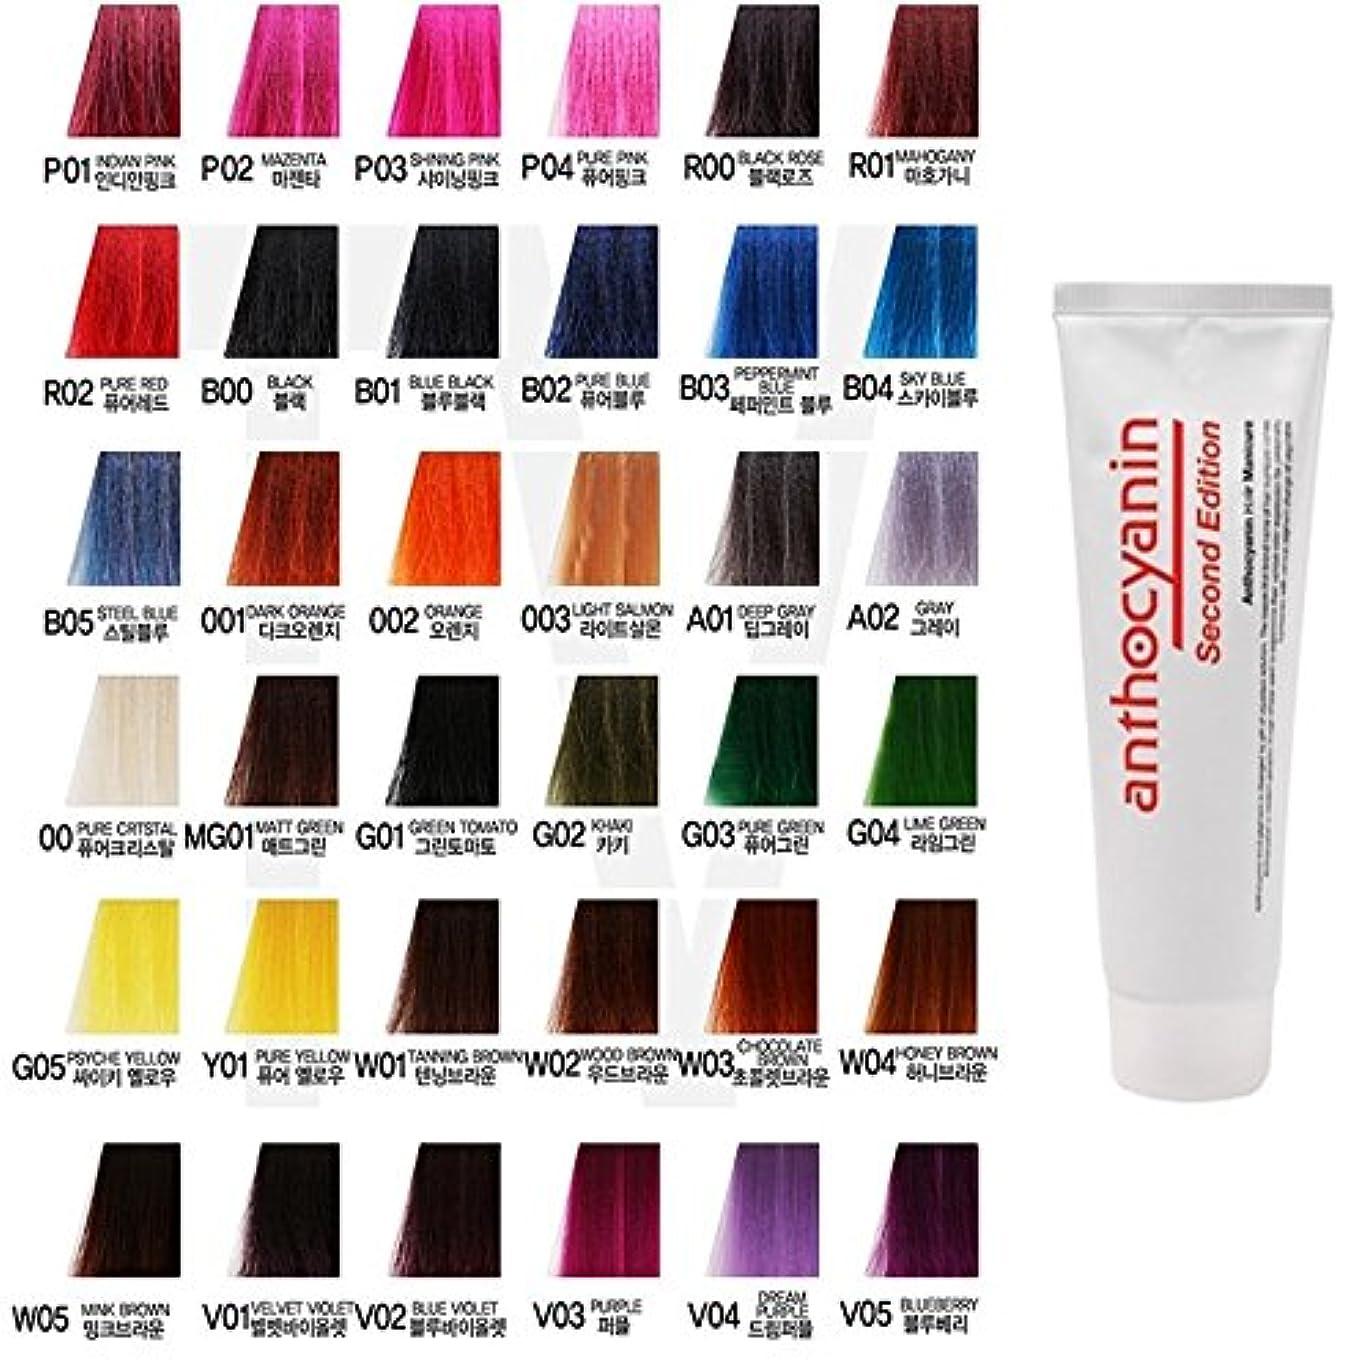 出力手配する目を覚ますヘア マニキュア カラー セカンド エディション 230g セミ パーマネント 染毛剤 ( Hair Manicure Color Second Edition 230g Semi Permanent Hair Dye) [並行輸入品] (WA03 Mud Brown)